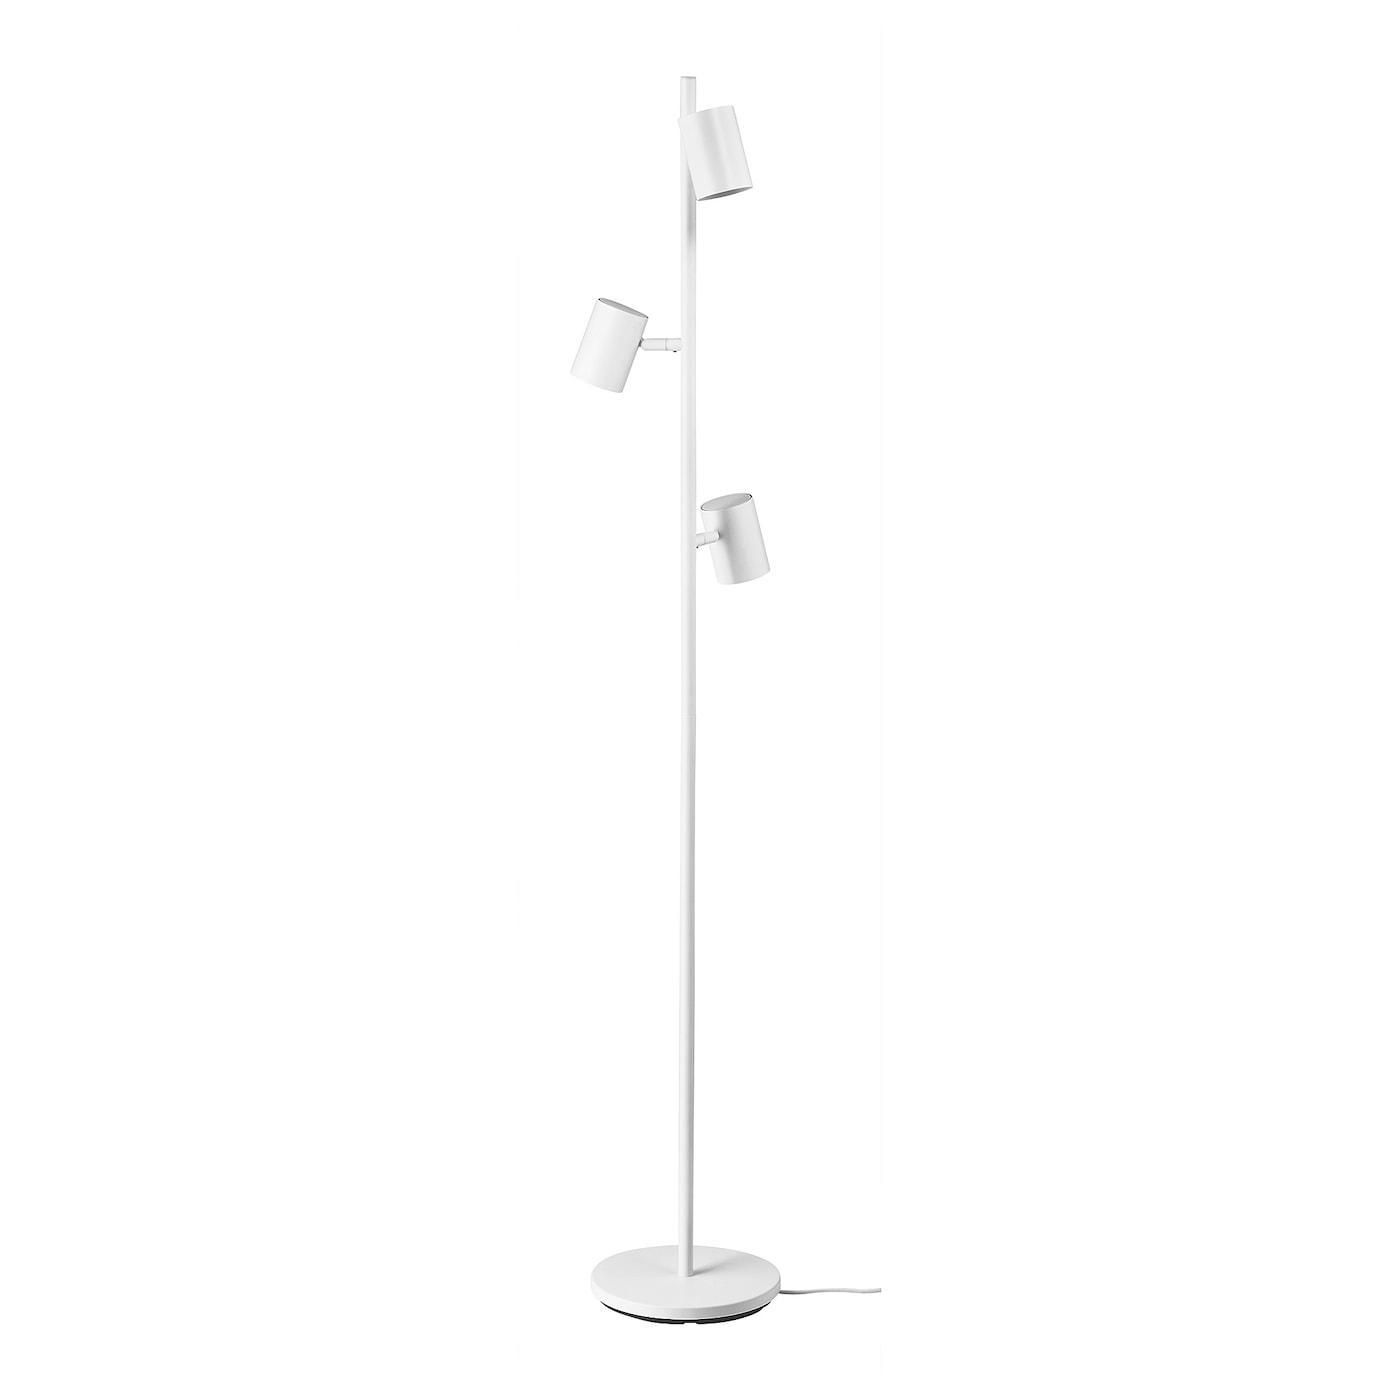 Stehlampe Weiß Ikea